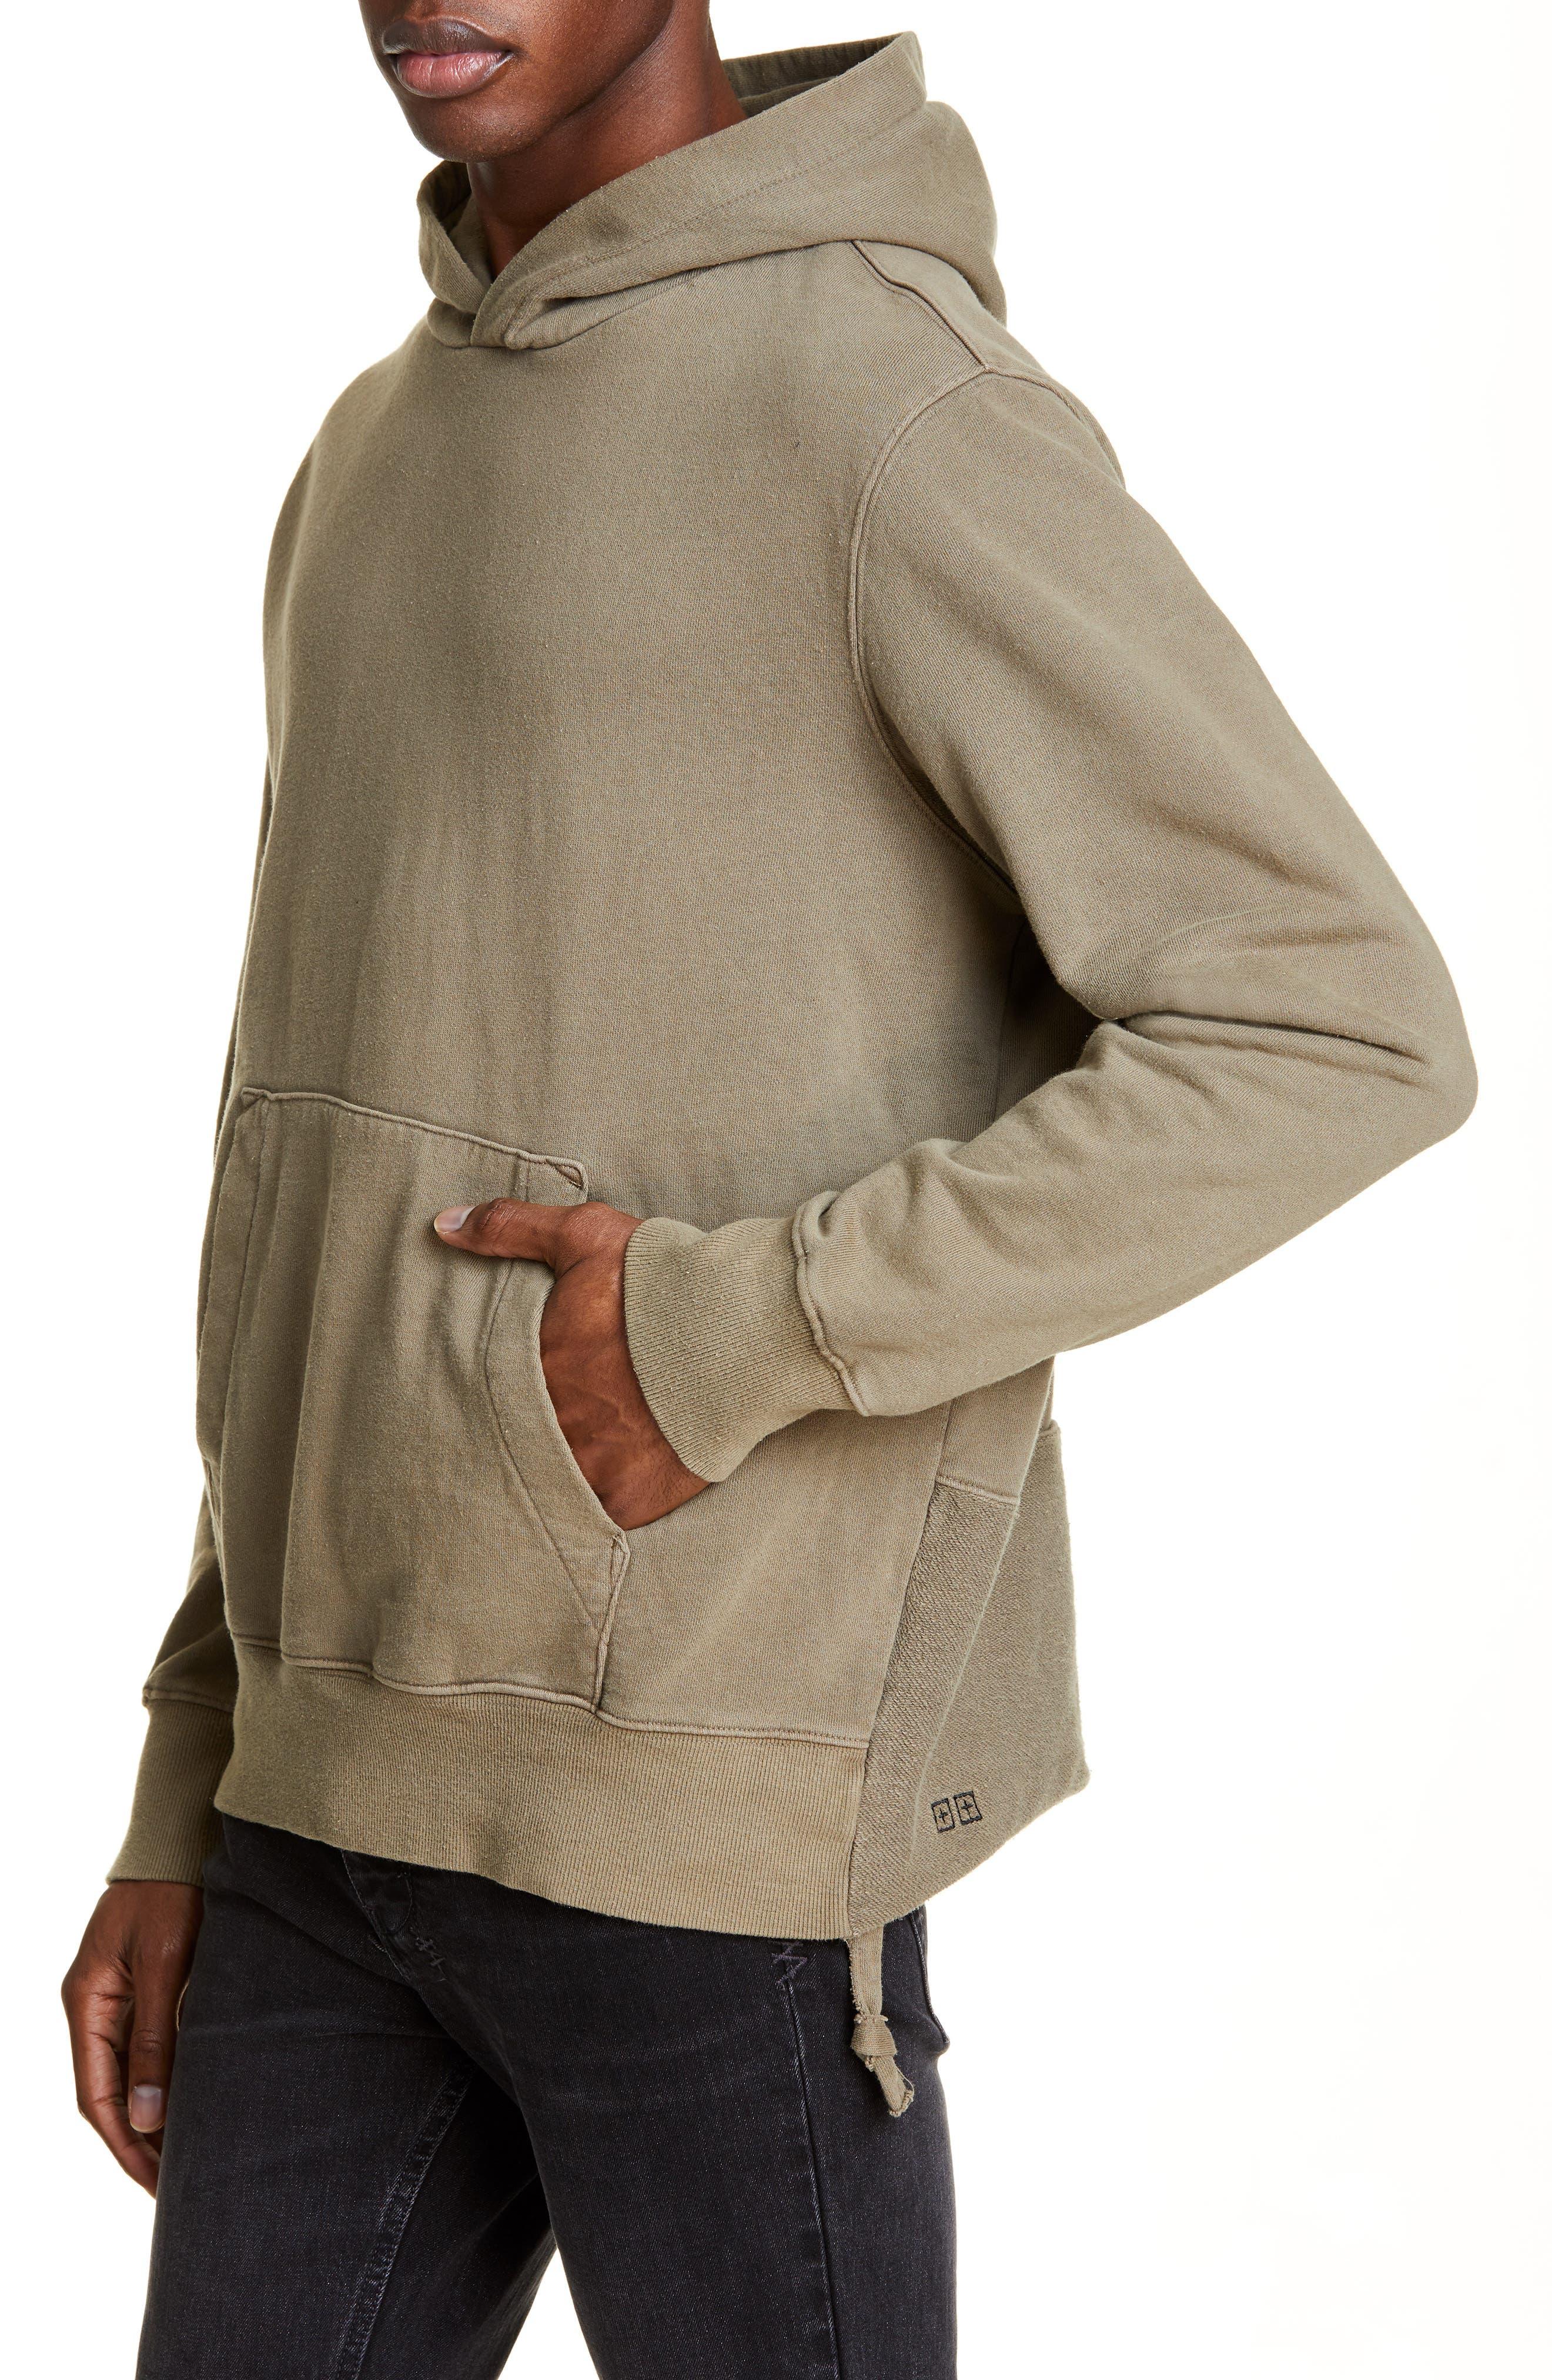 KSUBI, Seeing Lines Hooded Sweatshirt, Alternate thumbnail 4, color, BEIGE